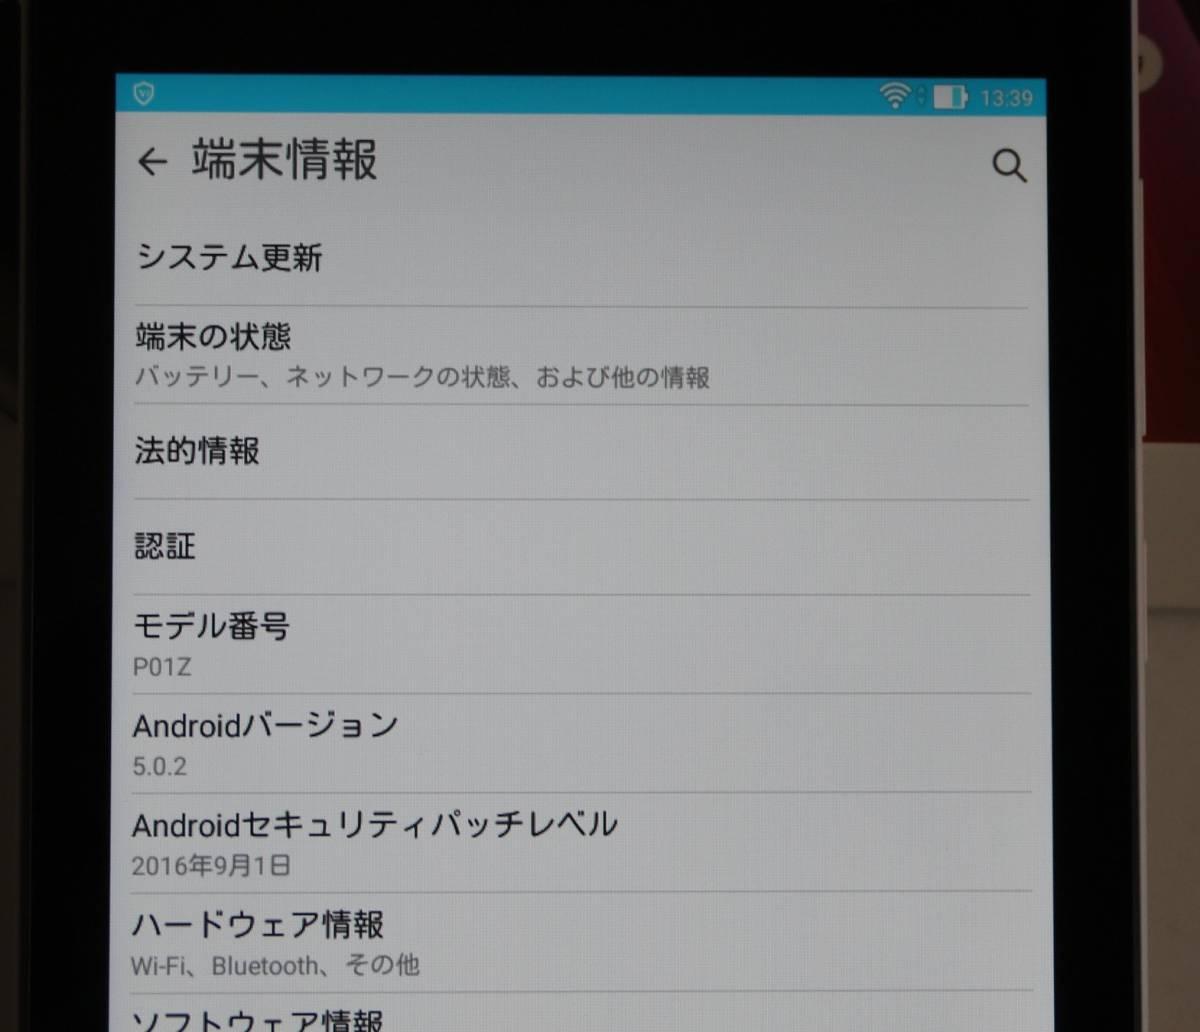 美品☆エイスースASUS ZenPad 7 0 白 P01Z (Z170C) ホワイト